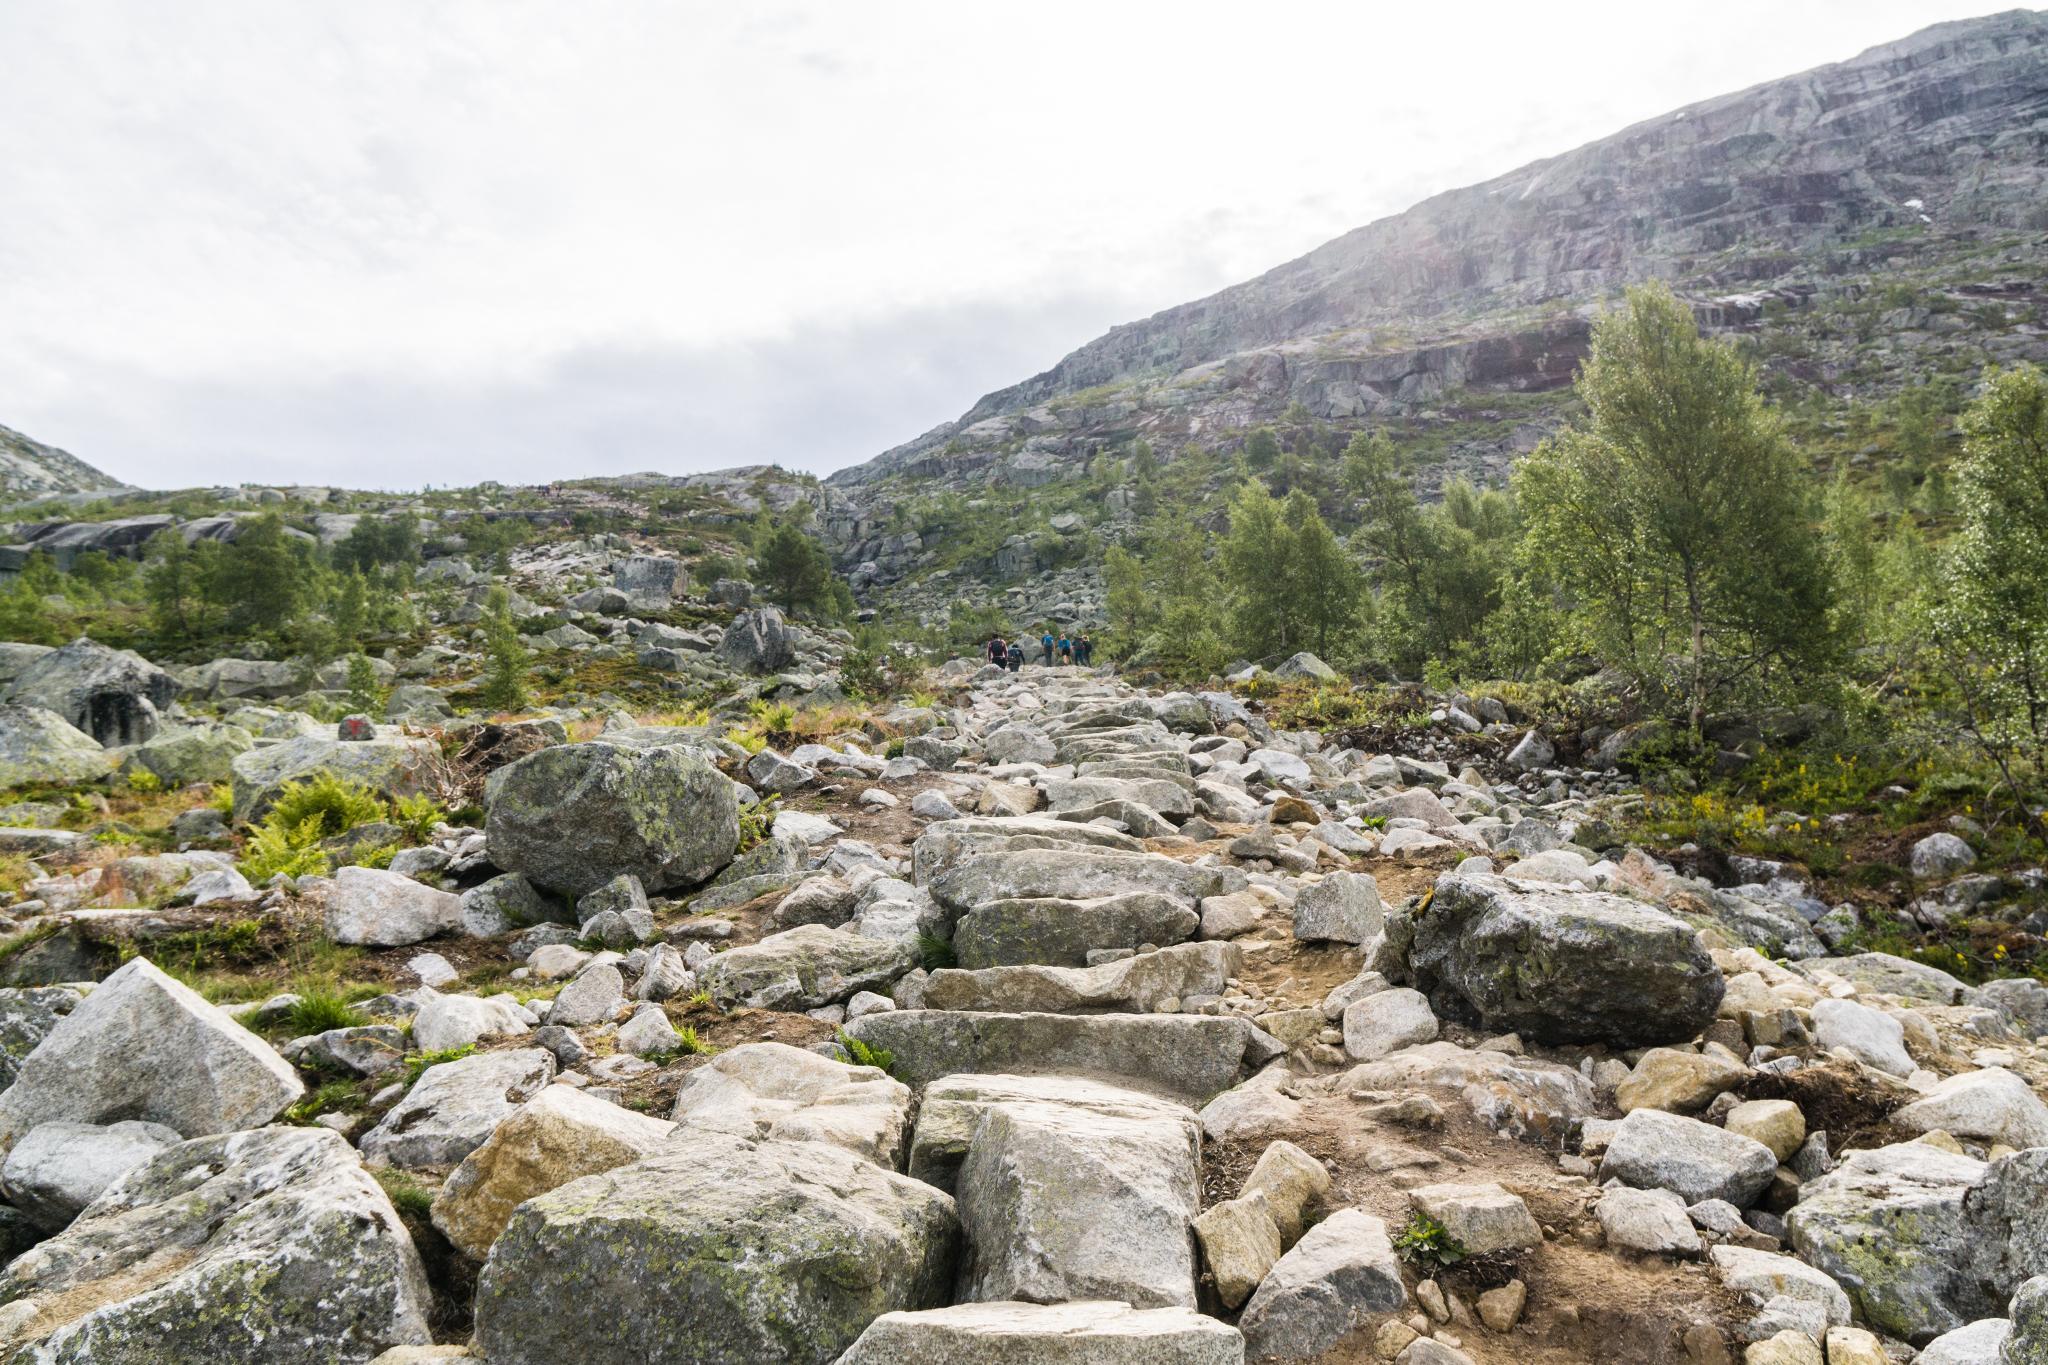 【北歐景點】挪威惡魔之舌 Trolltunga — 28公里健行挑戰全攻略 190